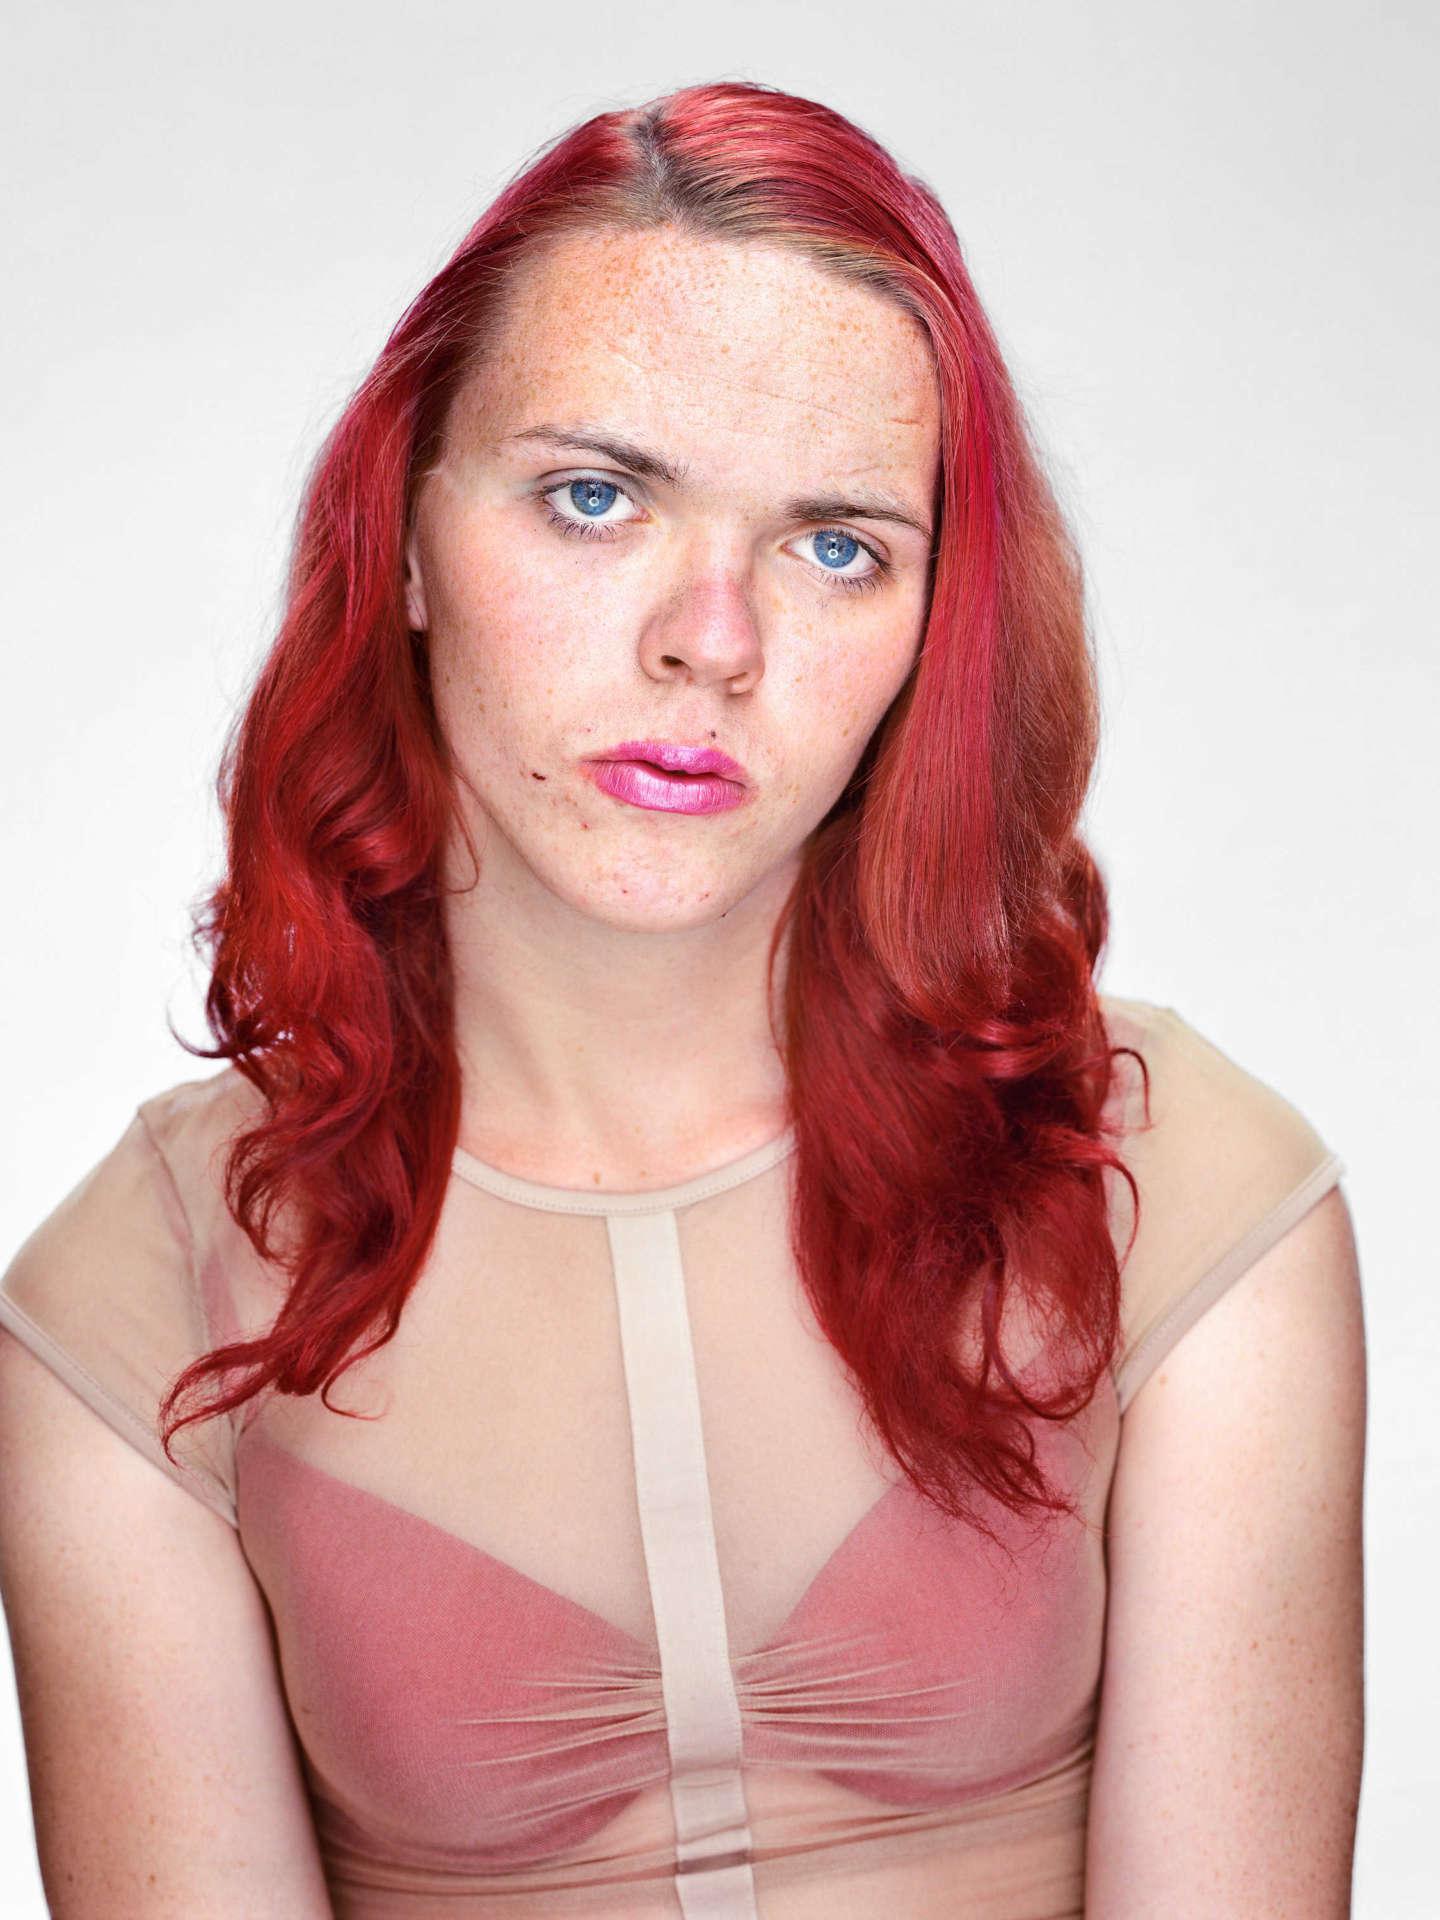 Halbporträt einer Person in Frontalansicht mit blauen Augen, Sommersprossen, langen, rotgefärbten Haaren und durchsichtigem Oberteil mit rotem BH